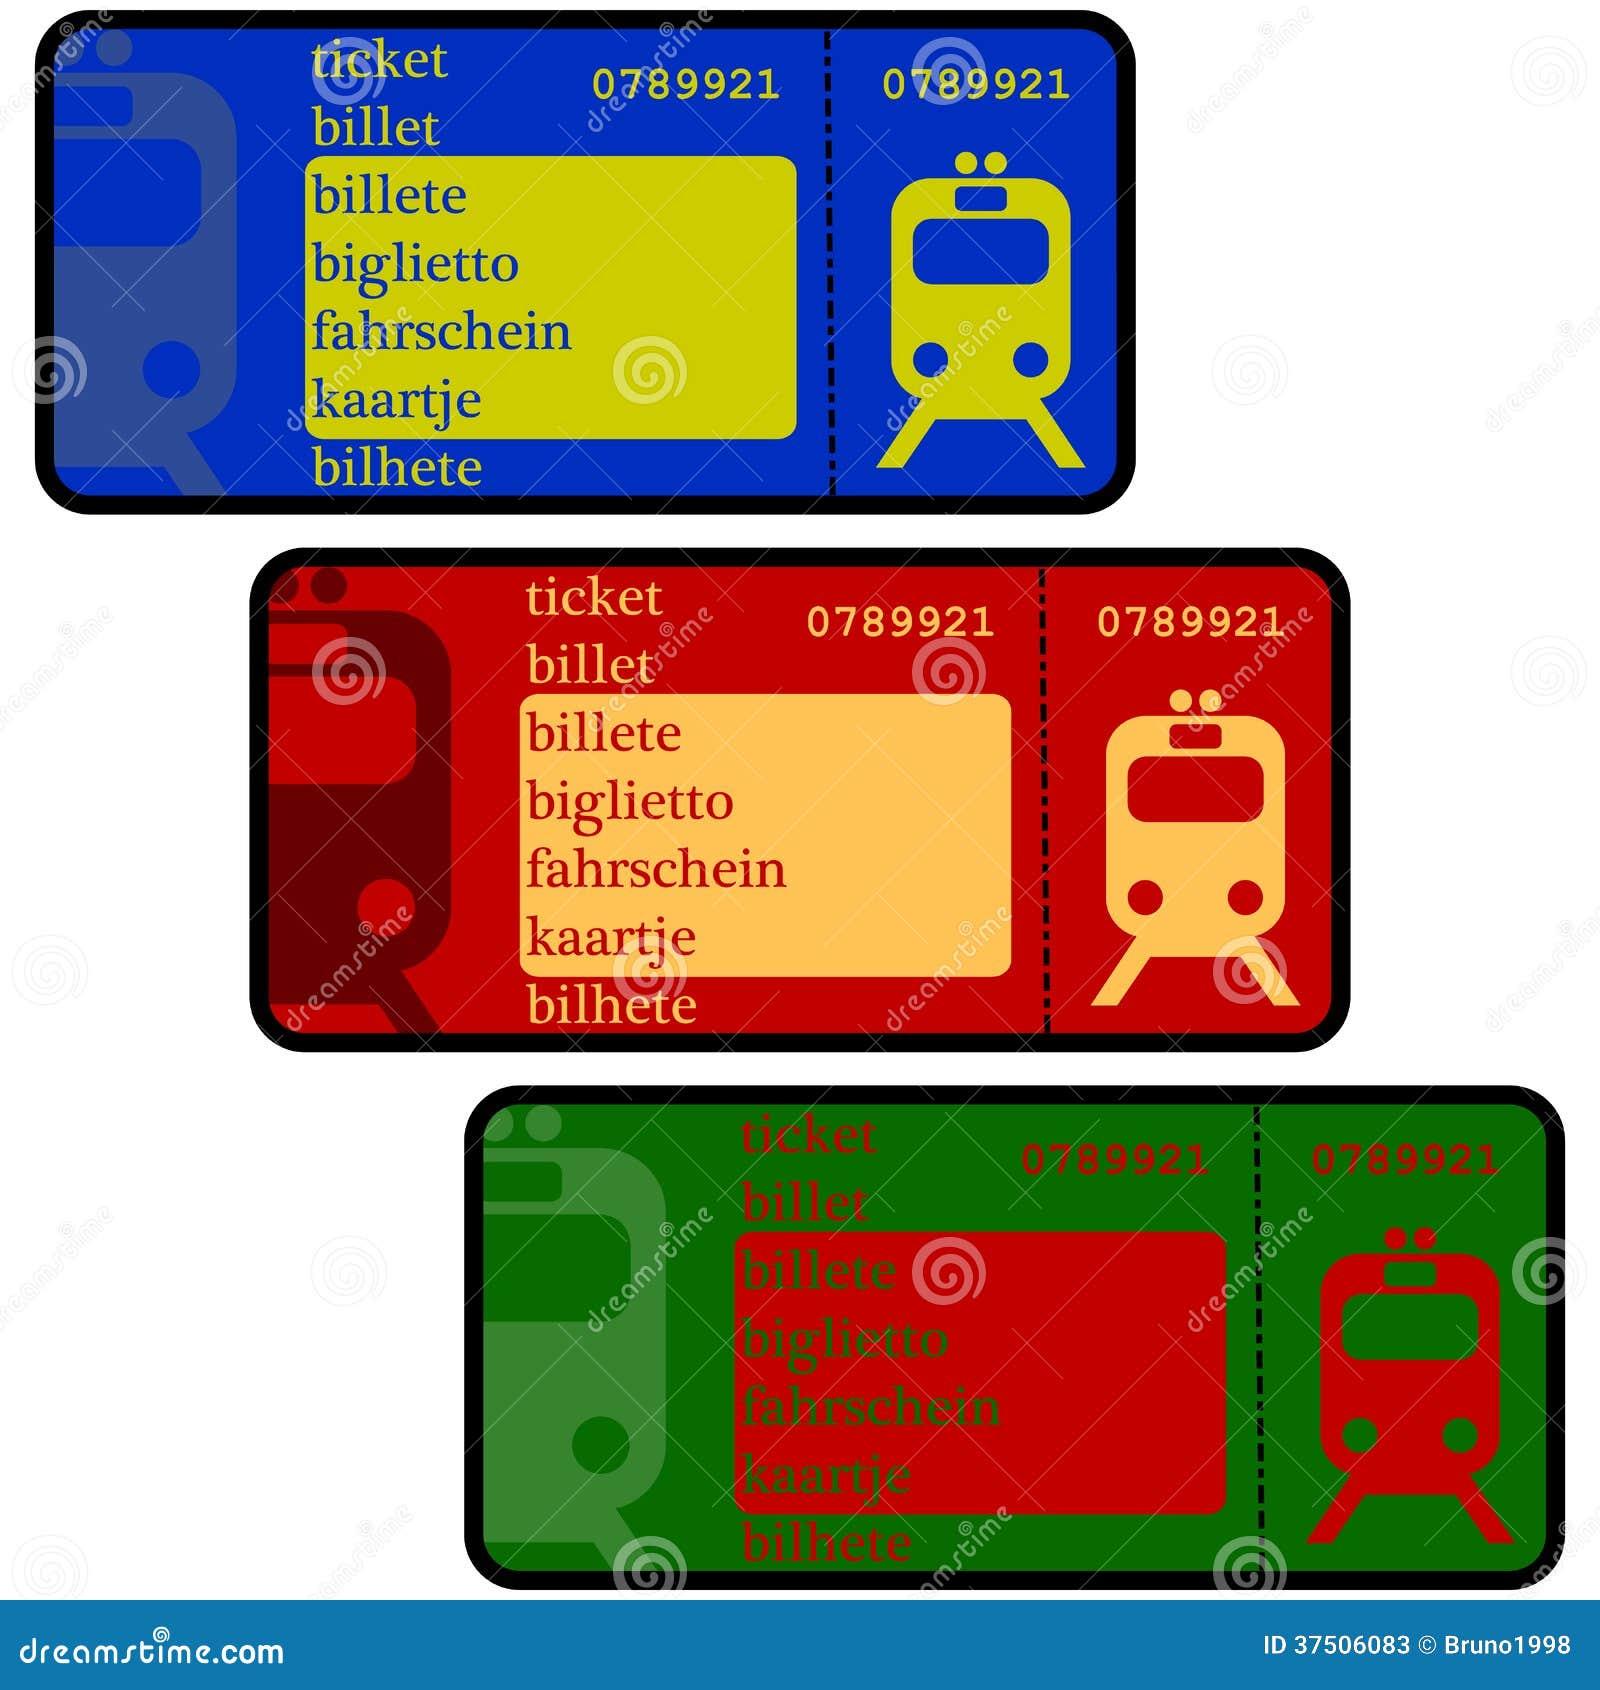 Рисунки билетов на поезд